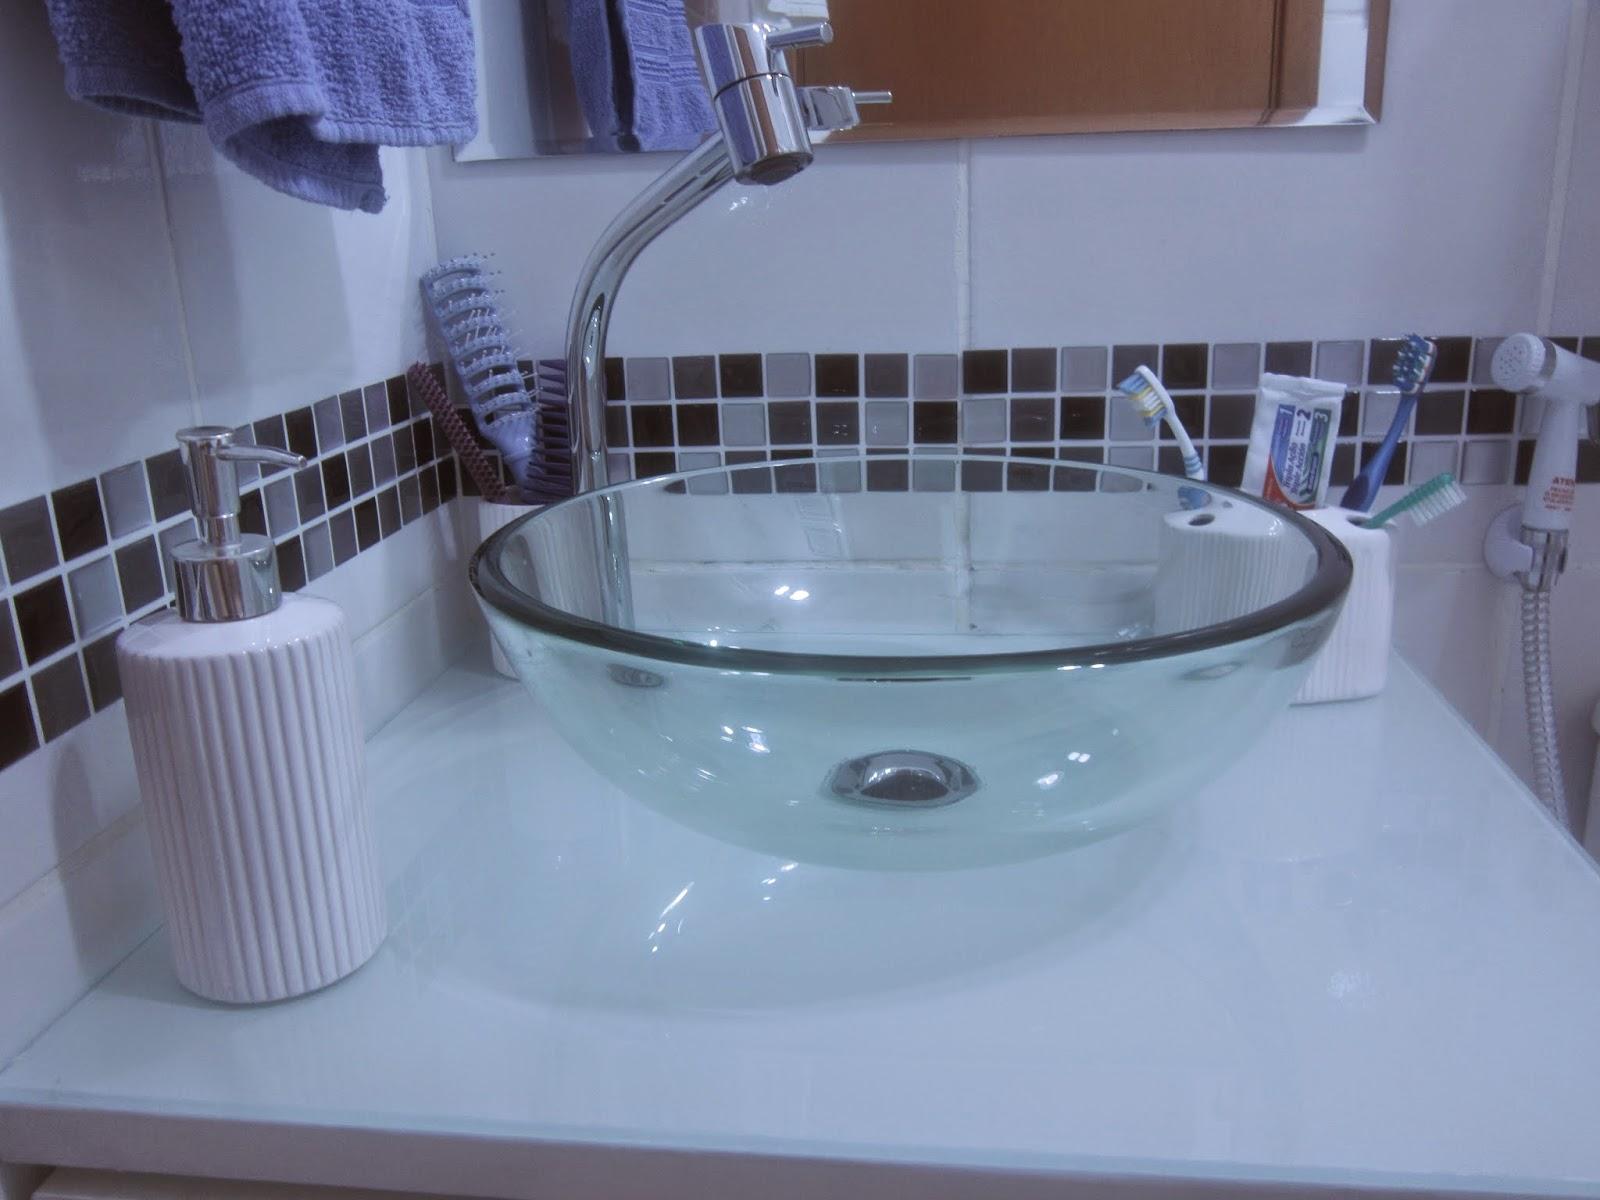 itens de cerâmica na pia são de um kit comprado nas Lojas Americanas  #3C548F 1600x1200 Balança De Banheiro Na Lojas Americanas